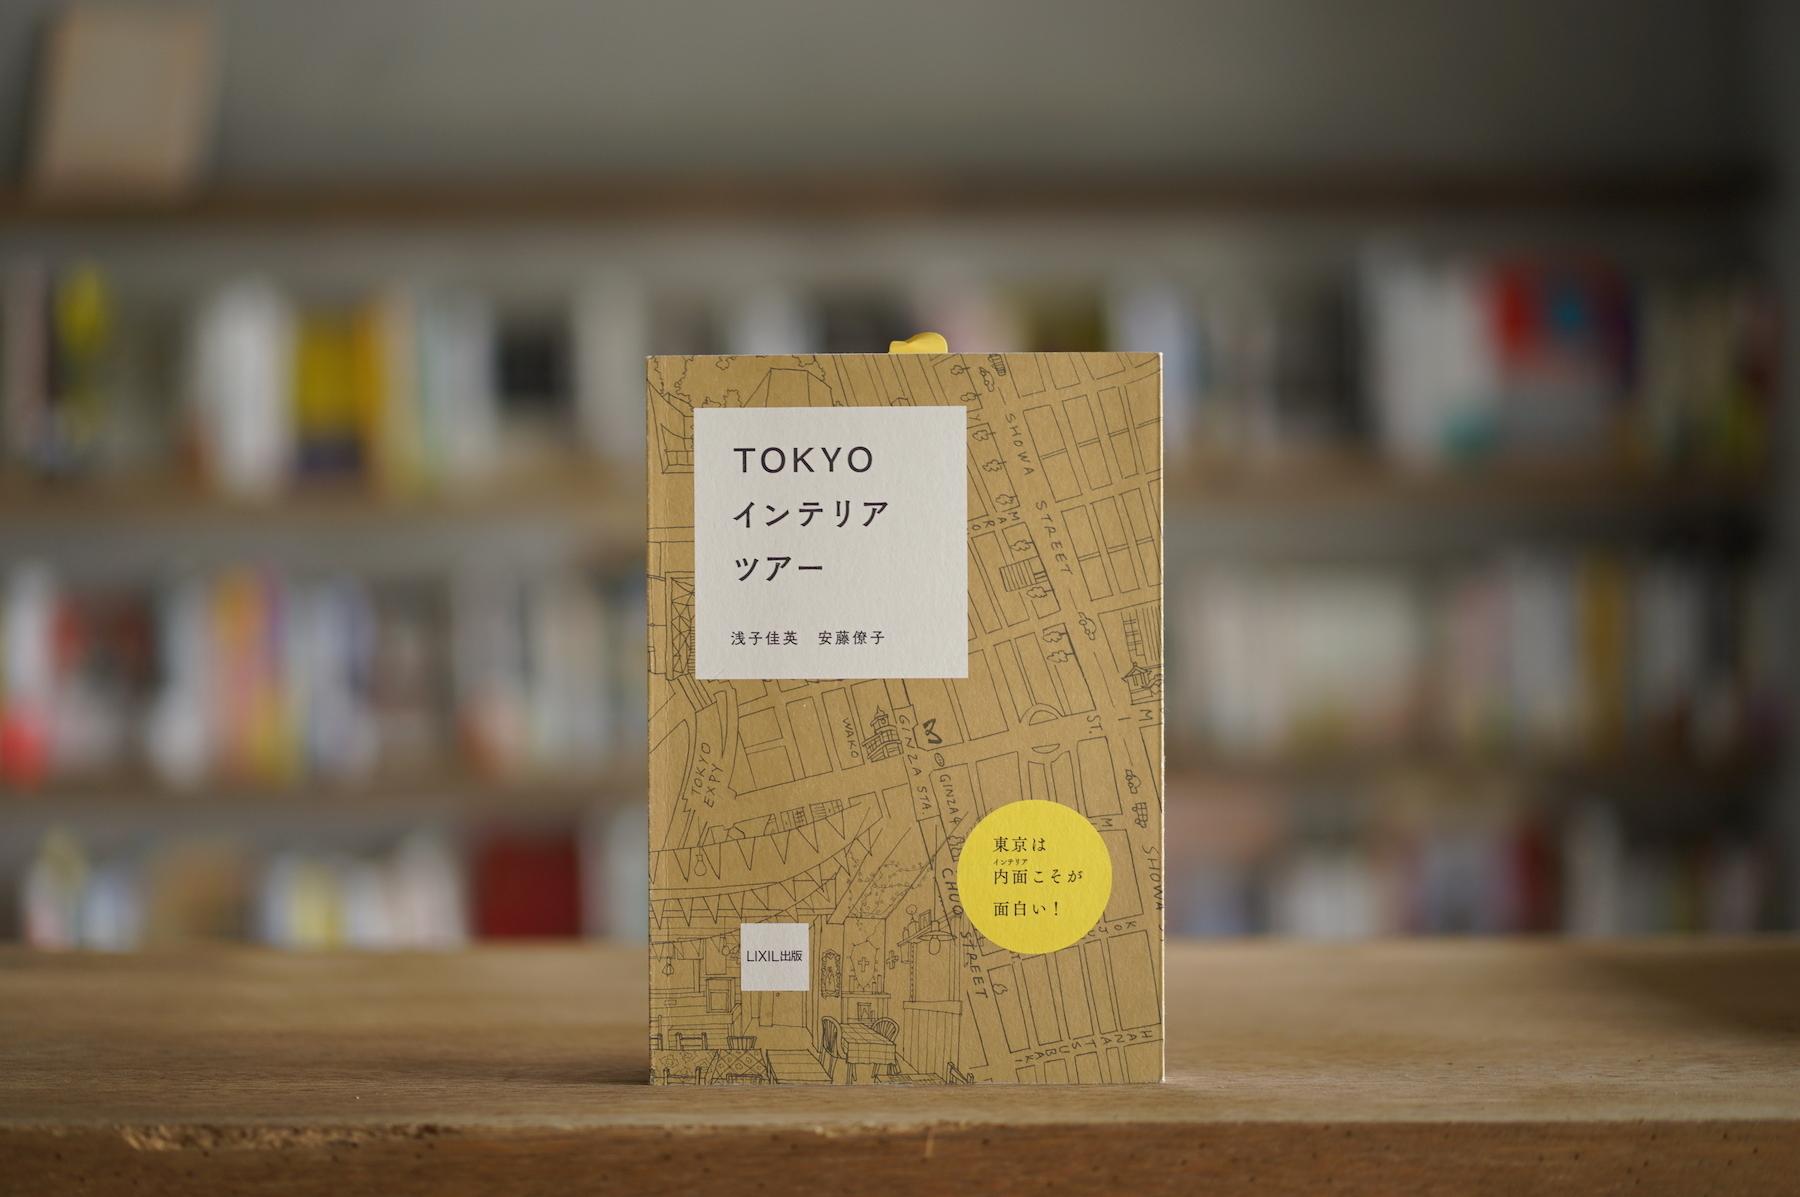 浅子佳英・安藤僚子 『TOKYOインテリアツアー』 (LIXIL出版、2016)